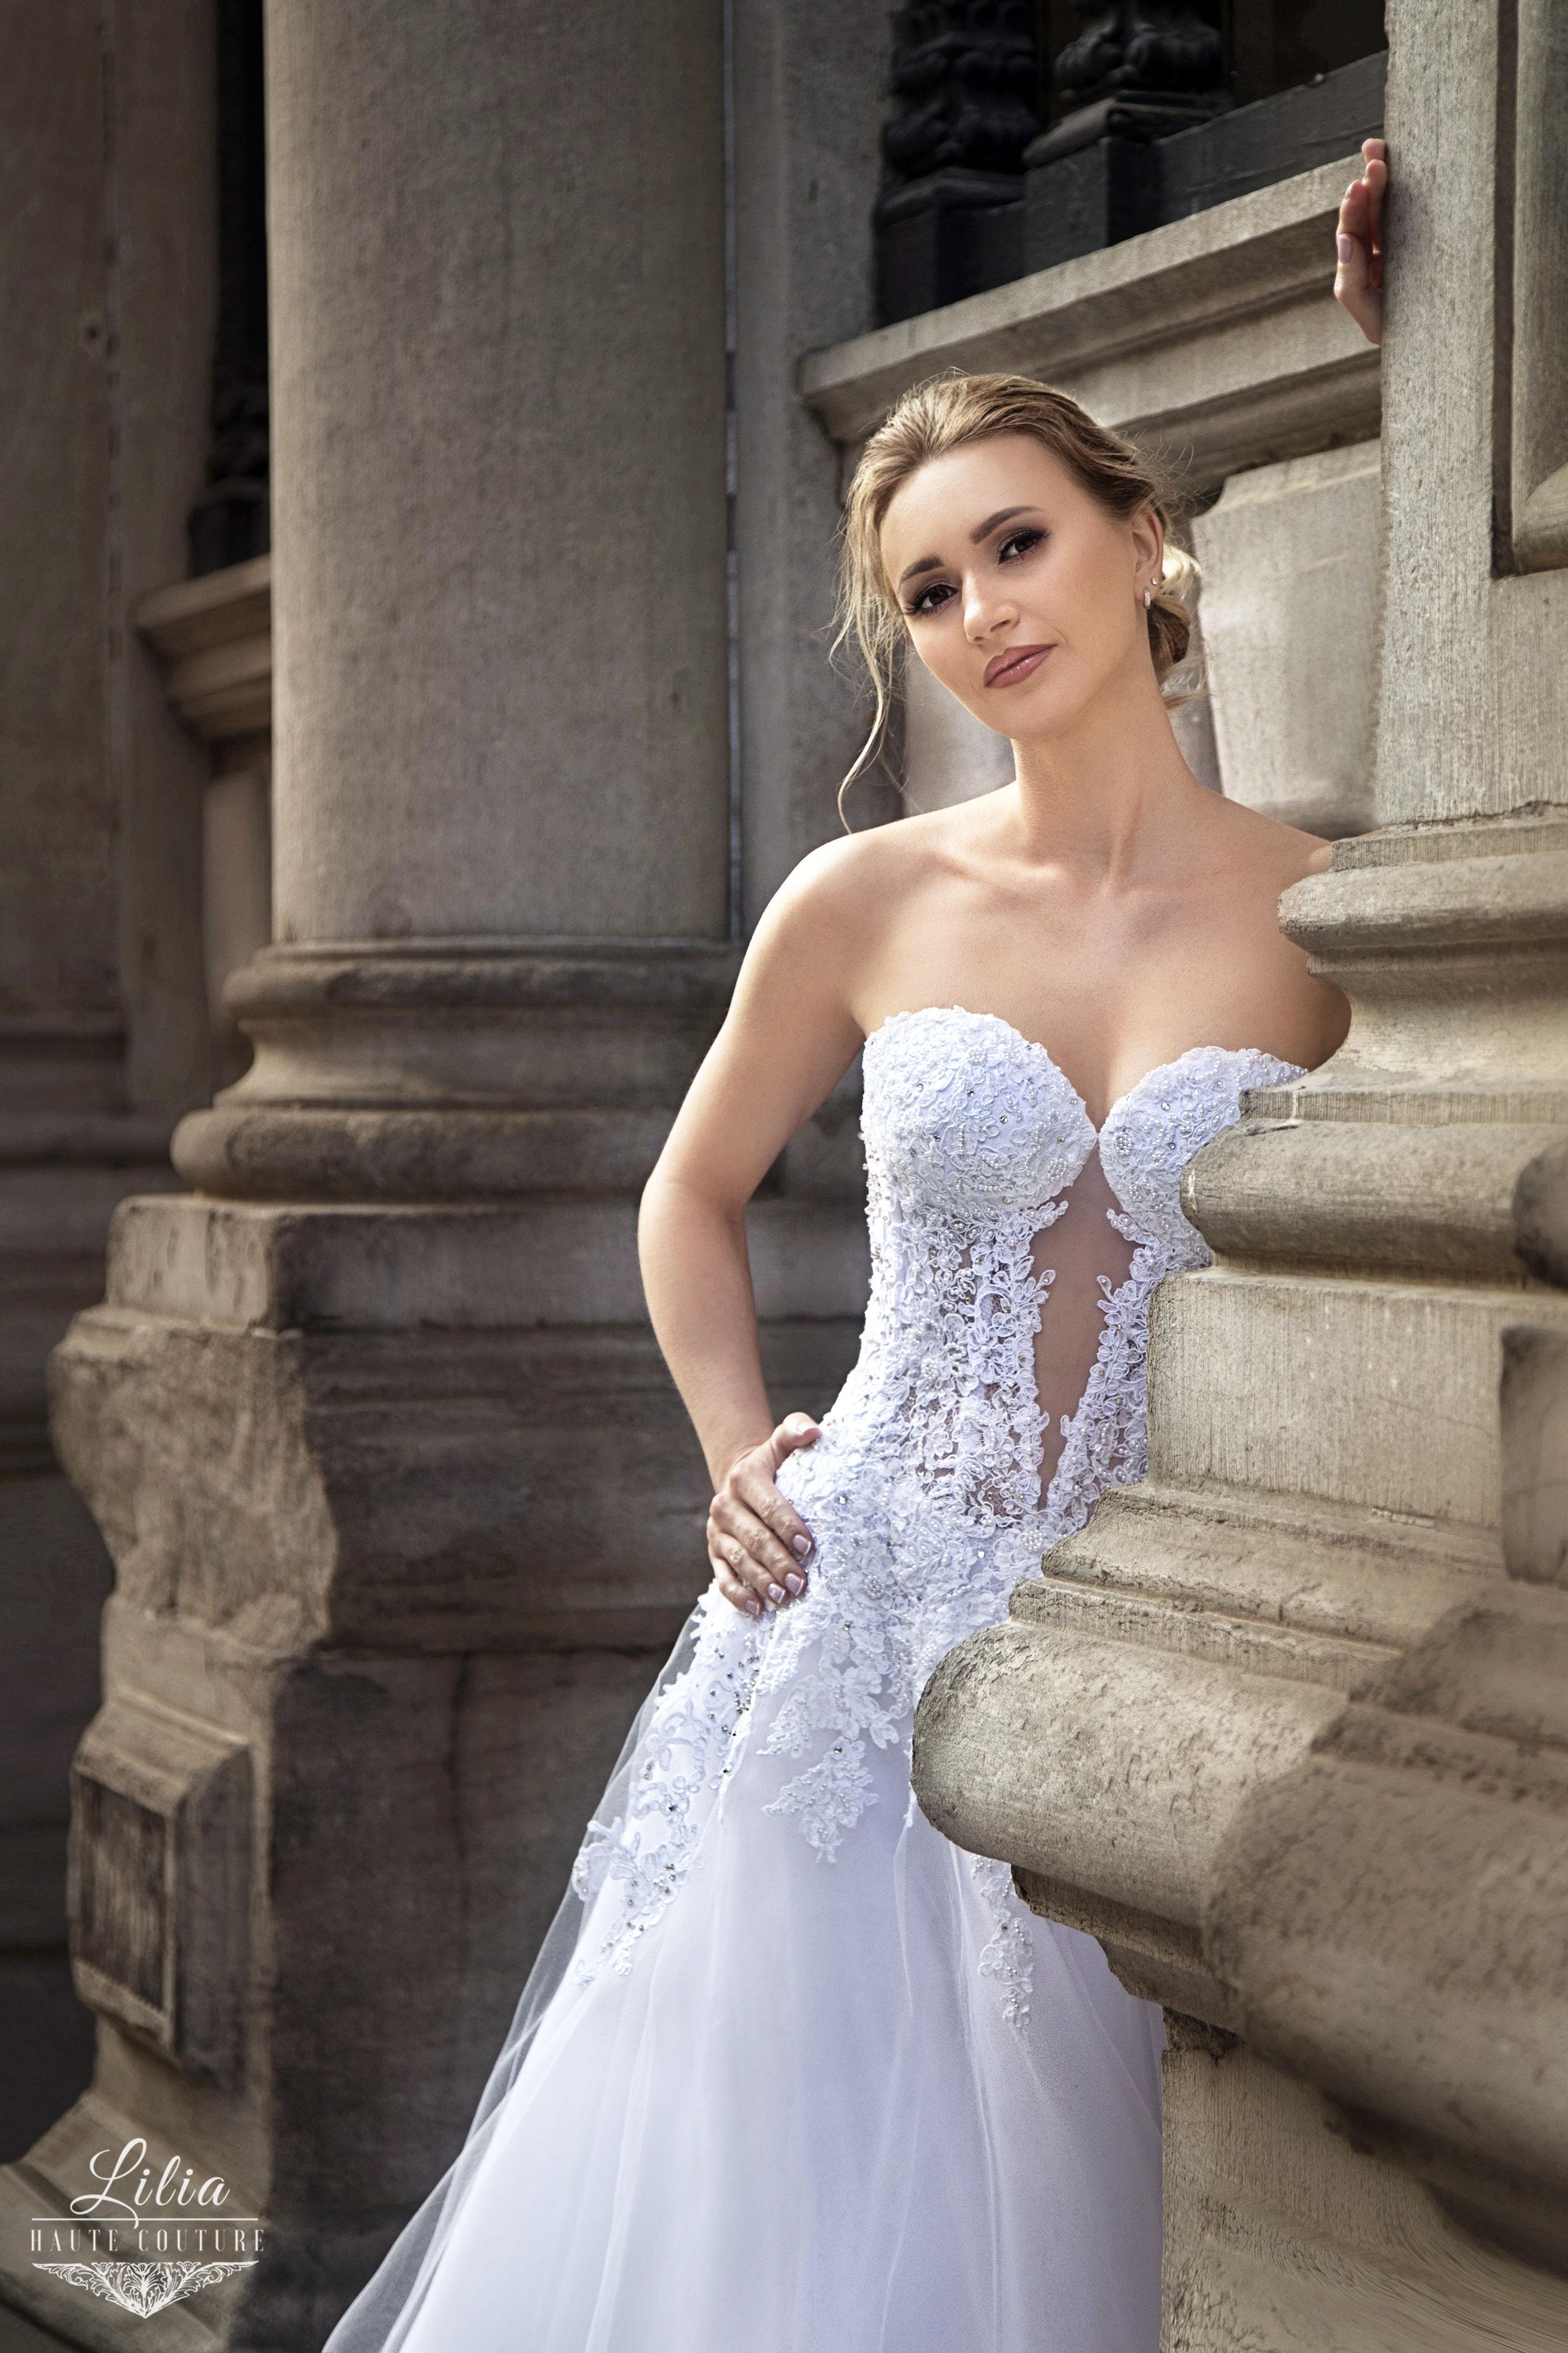 lilia haute couture robe avec corset en ligne v avec jupe en tulle montreal